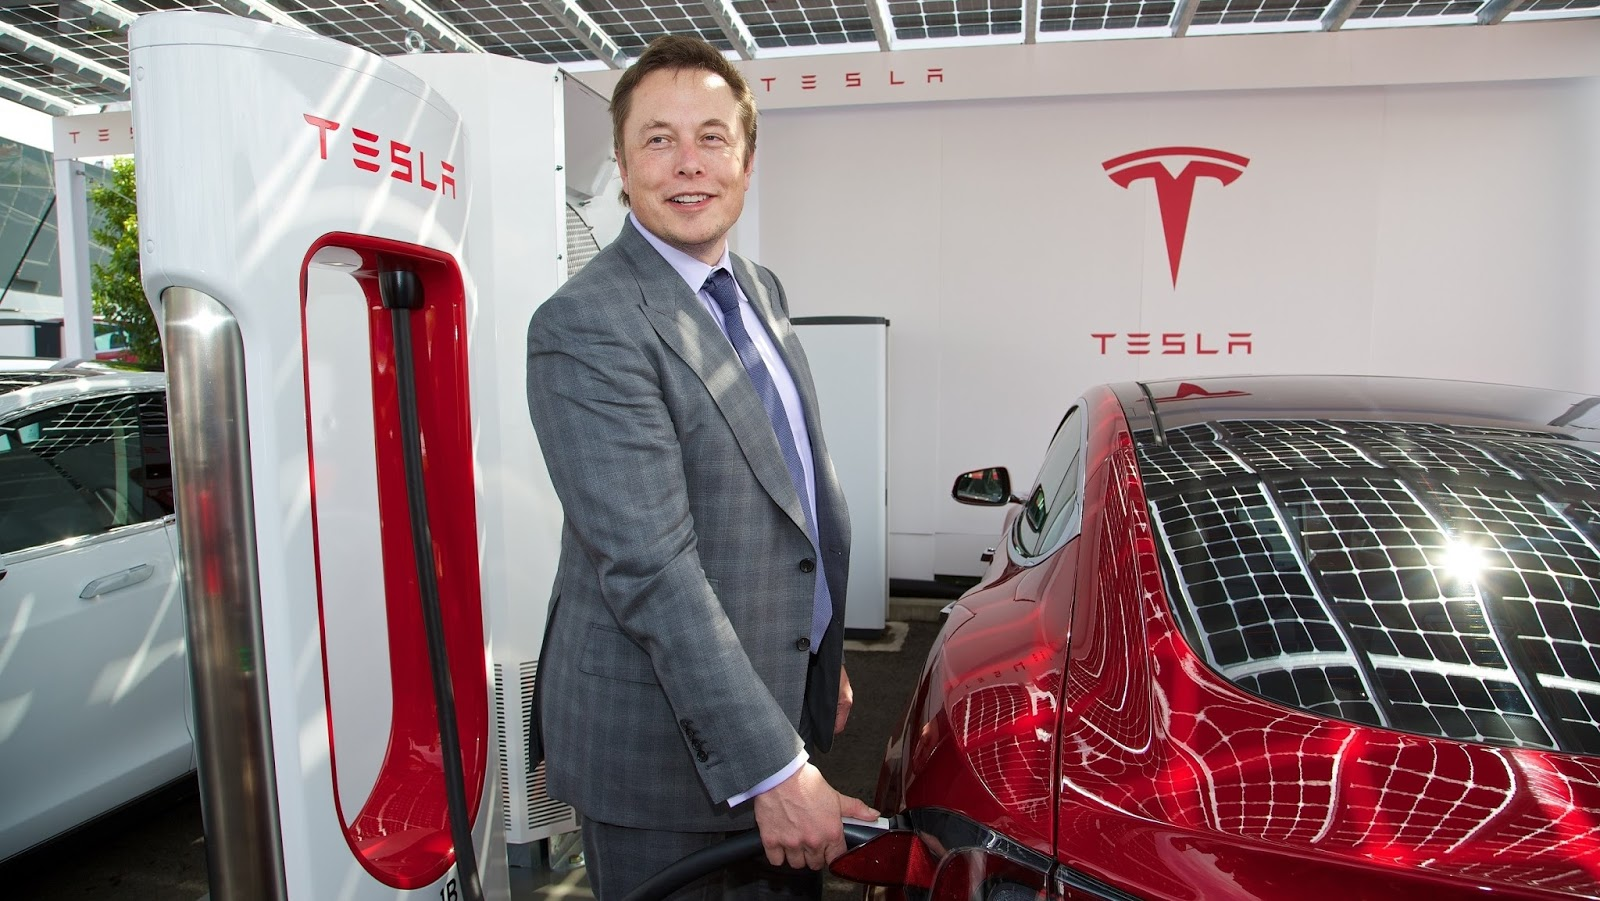 Elon Musk e sua empresa de carros, Tesla